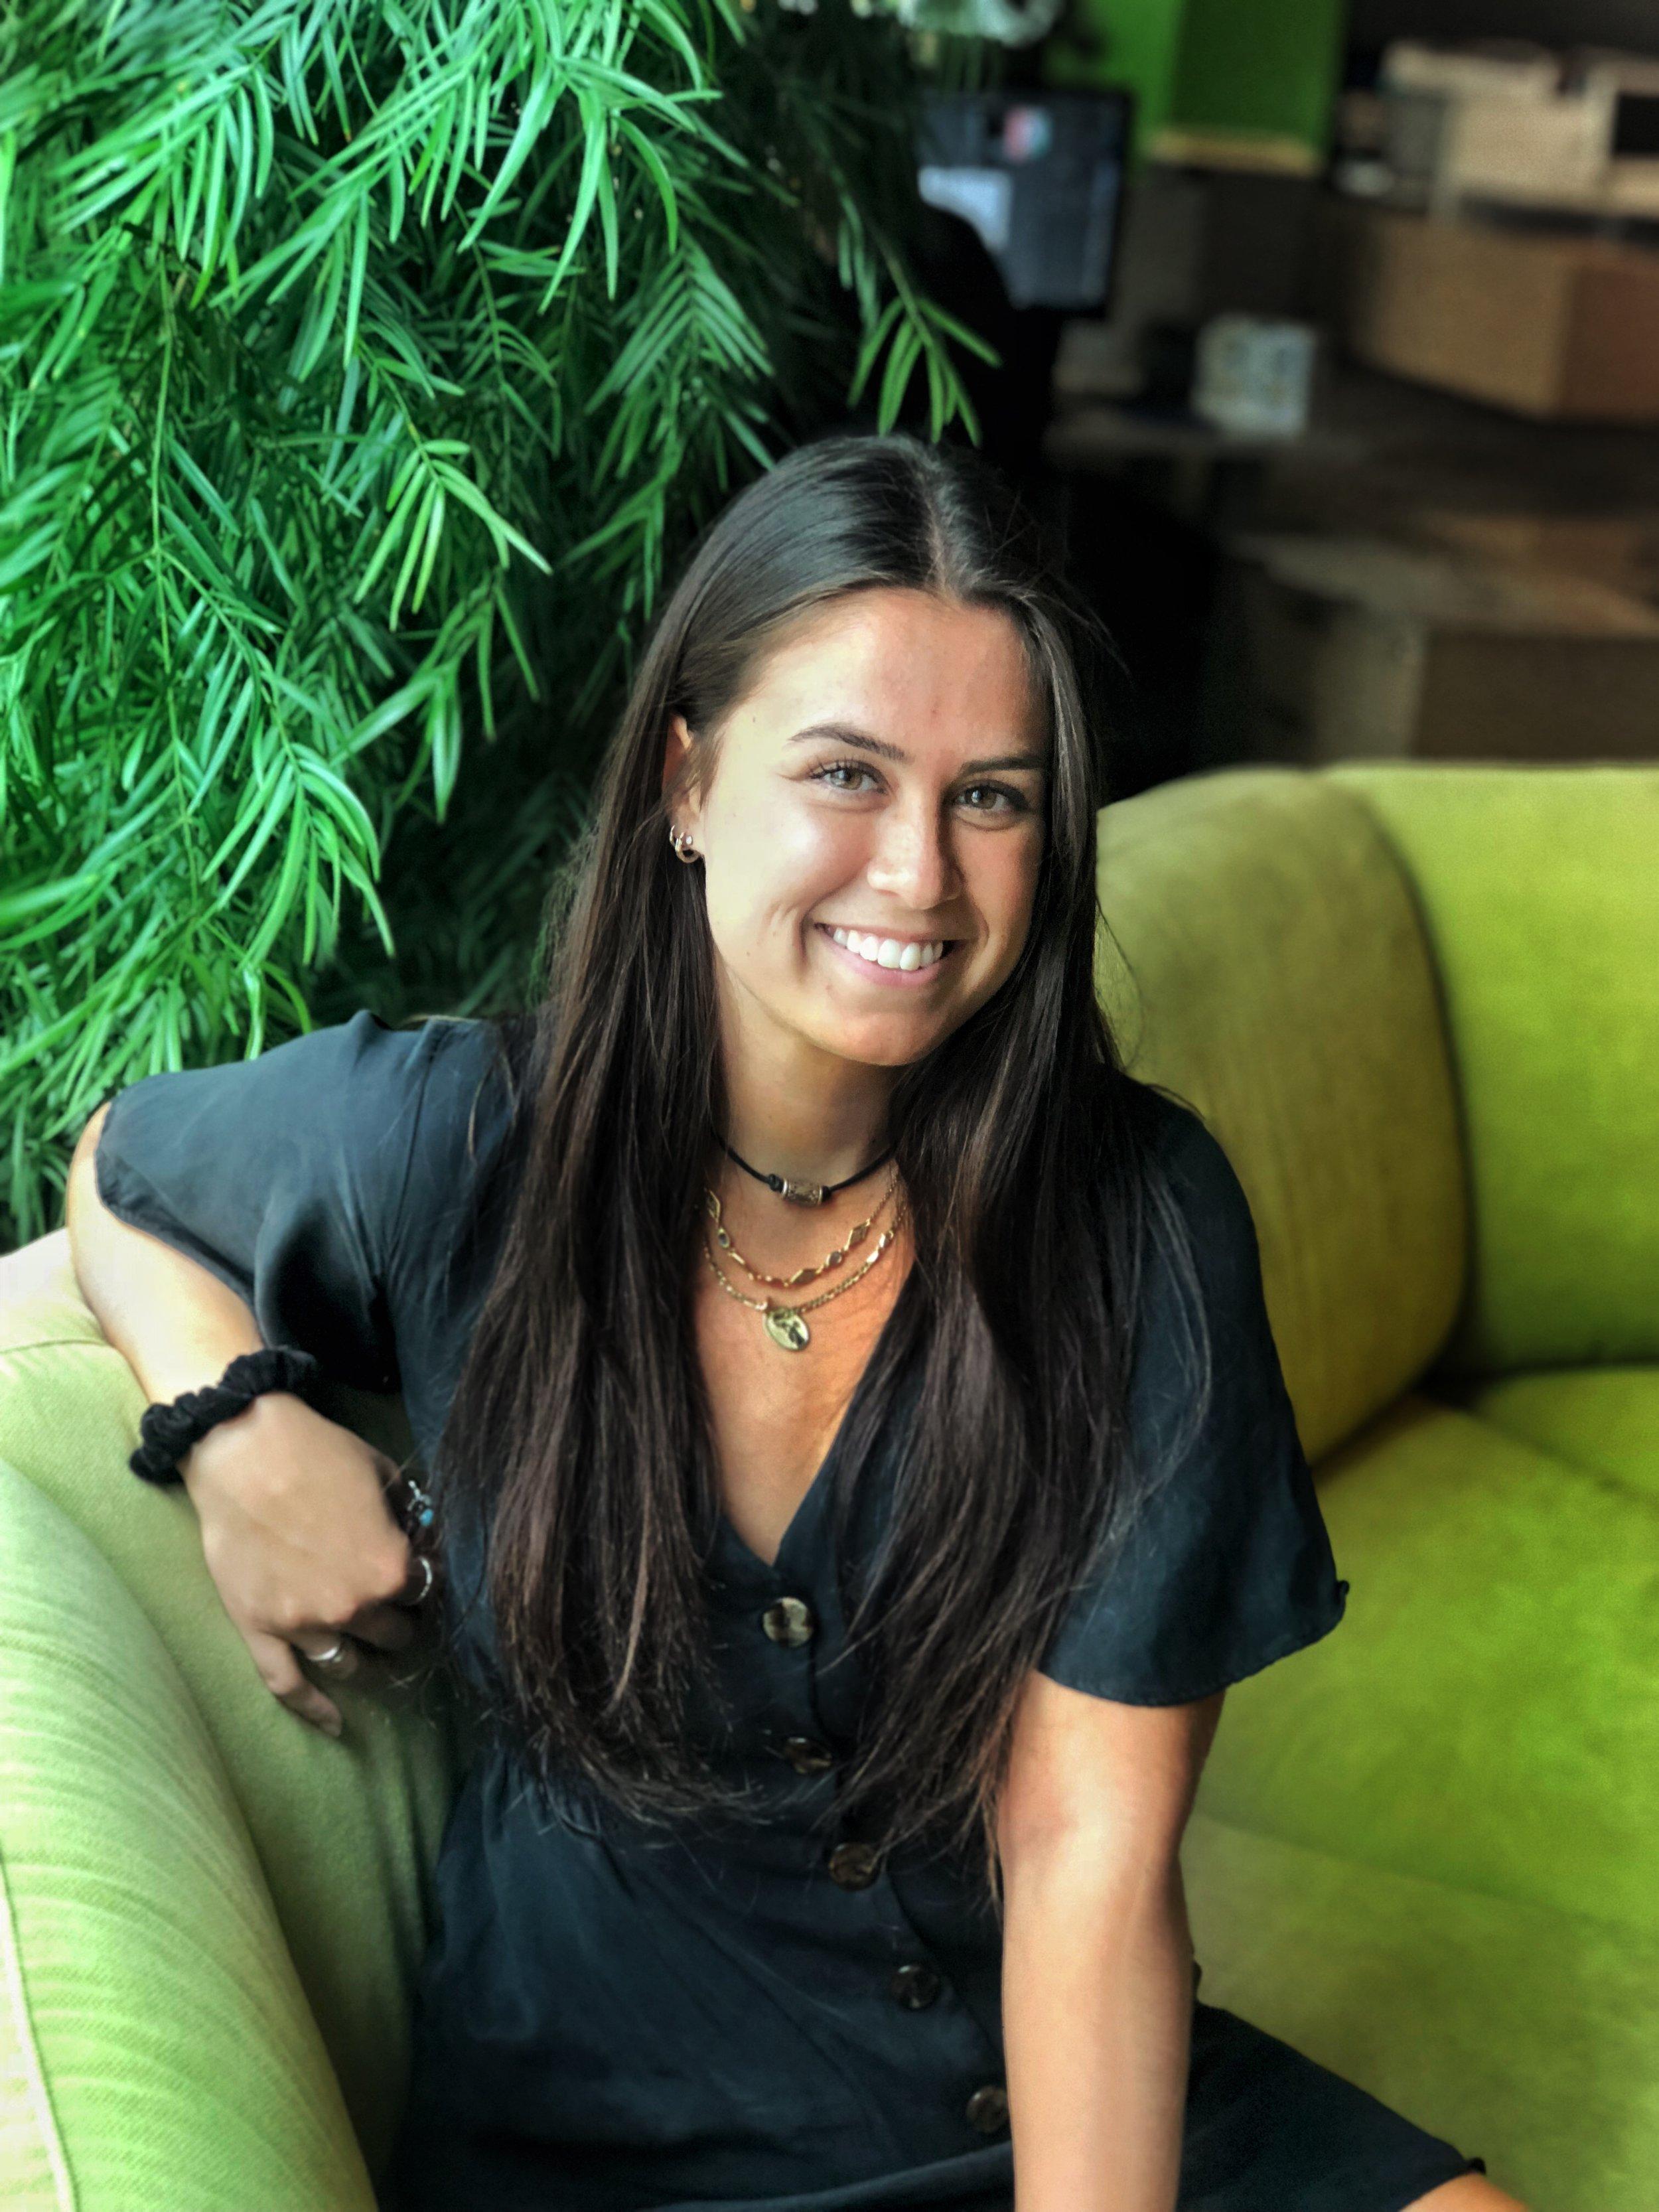 Danielle-blog.jpg